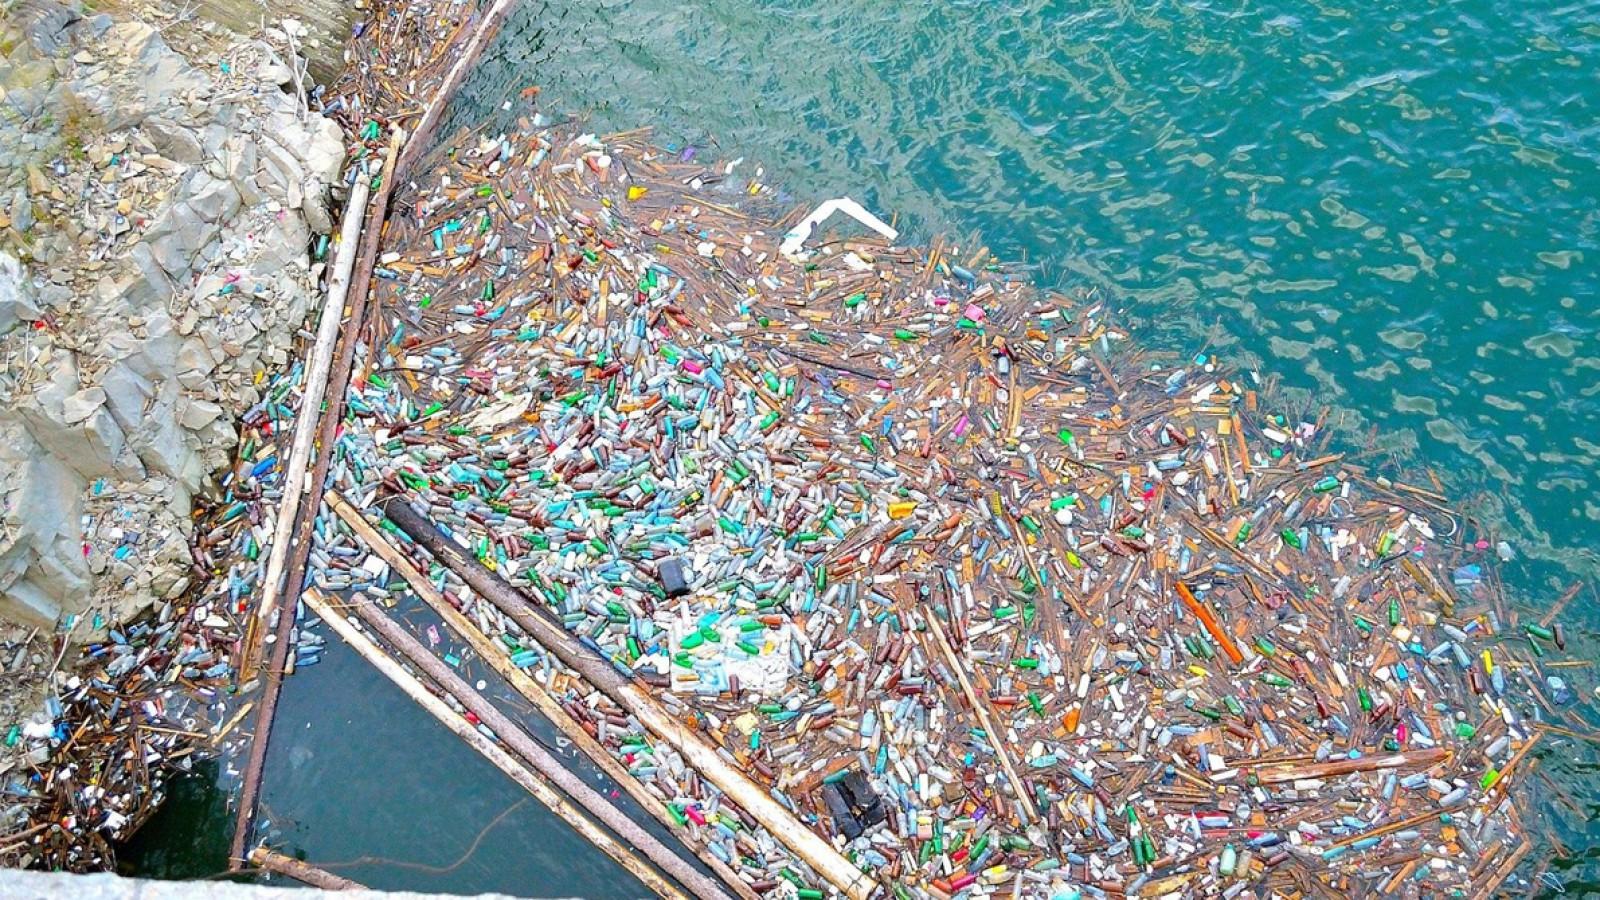 90% din deşeurile din plastic ce poluează oceanele provin din doar 10 ape curgătoare din Asia şi Africa